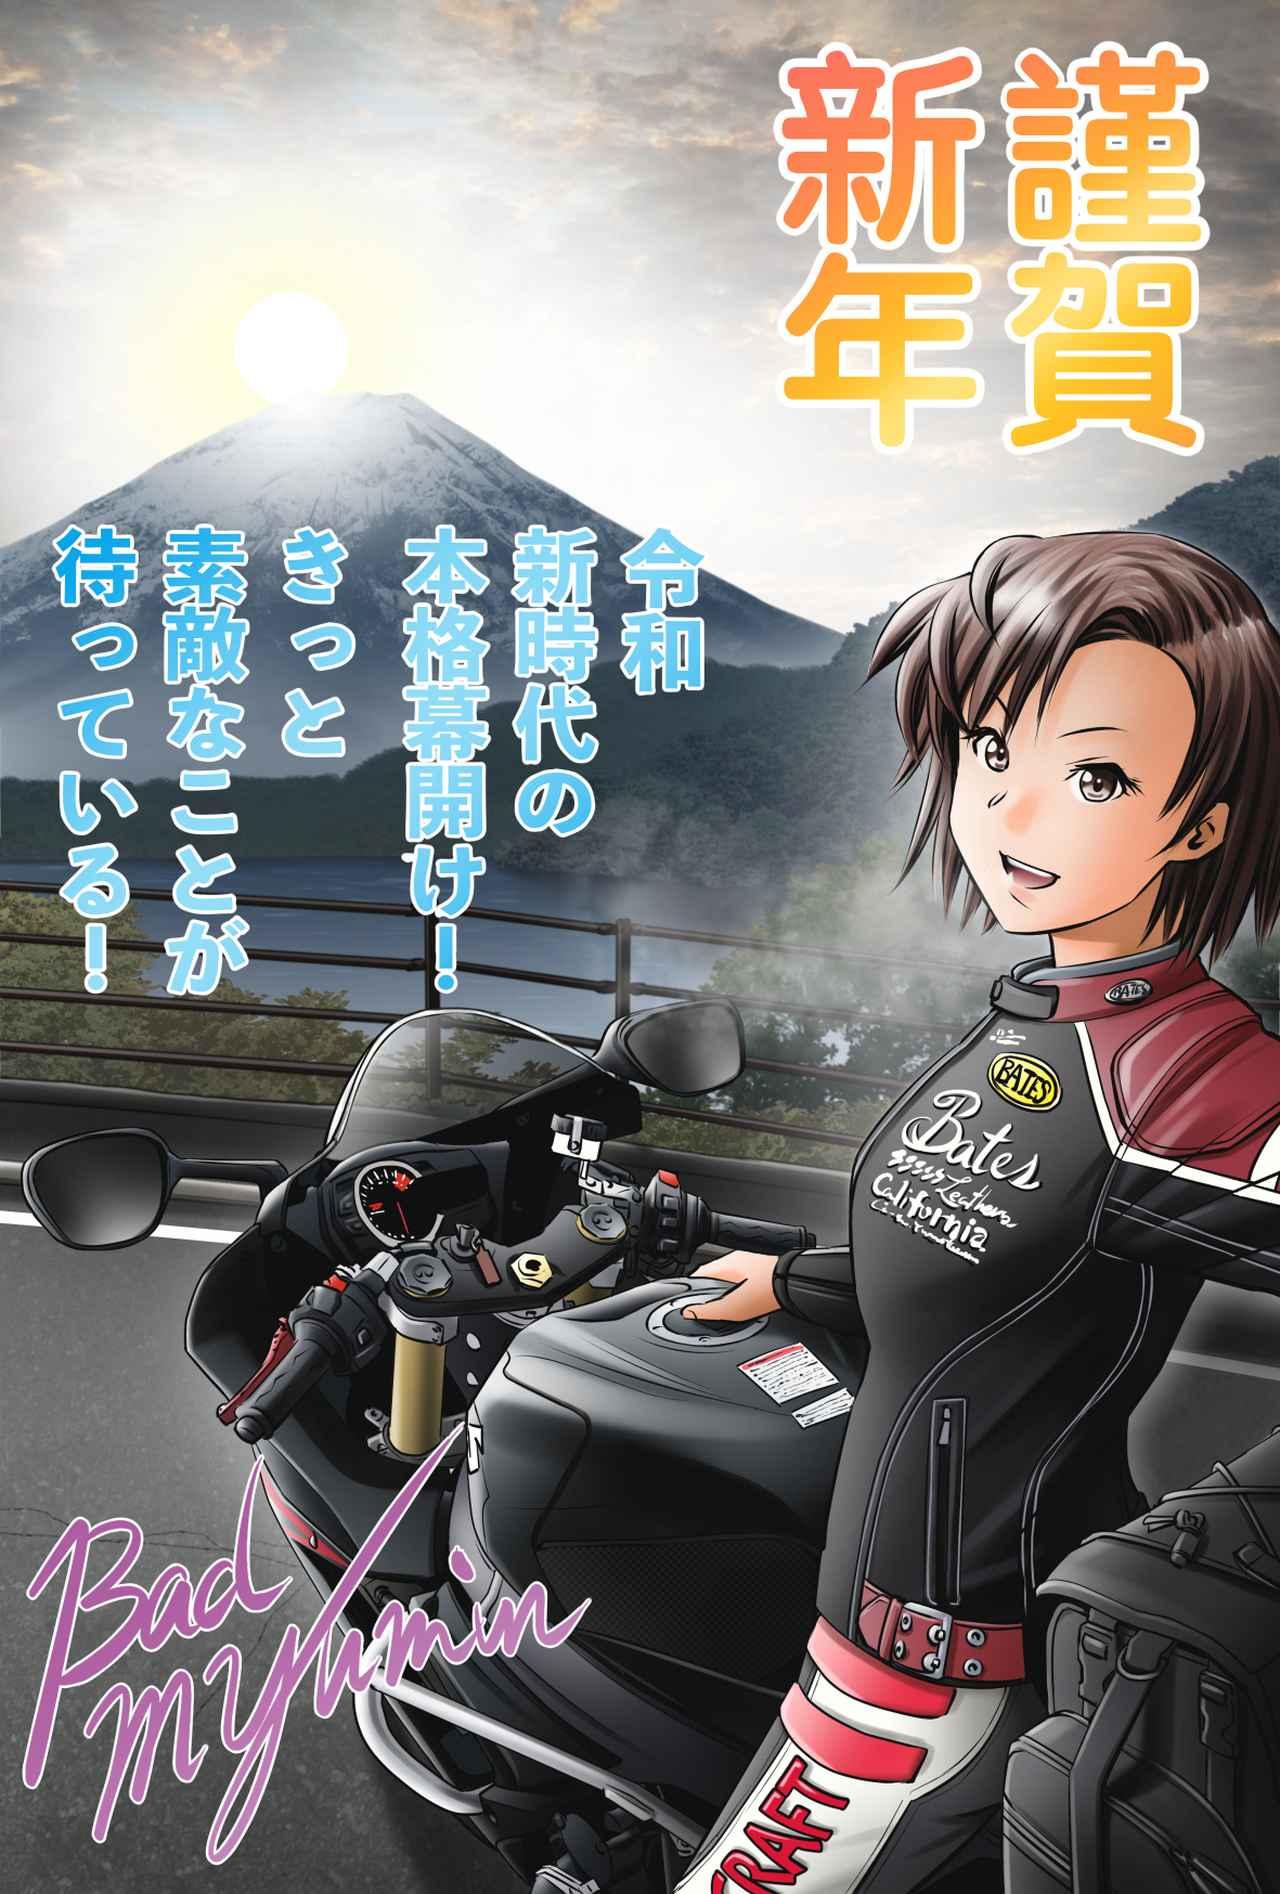 画像2: 『Motoジム!』単行本、全6巻も好評発売中!